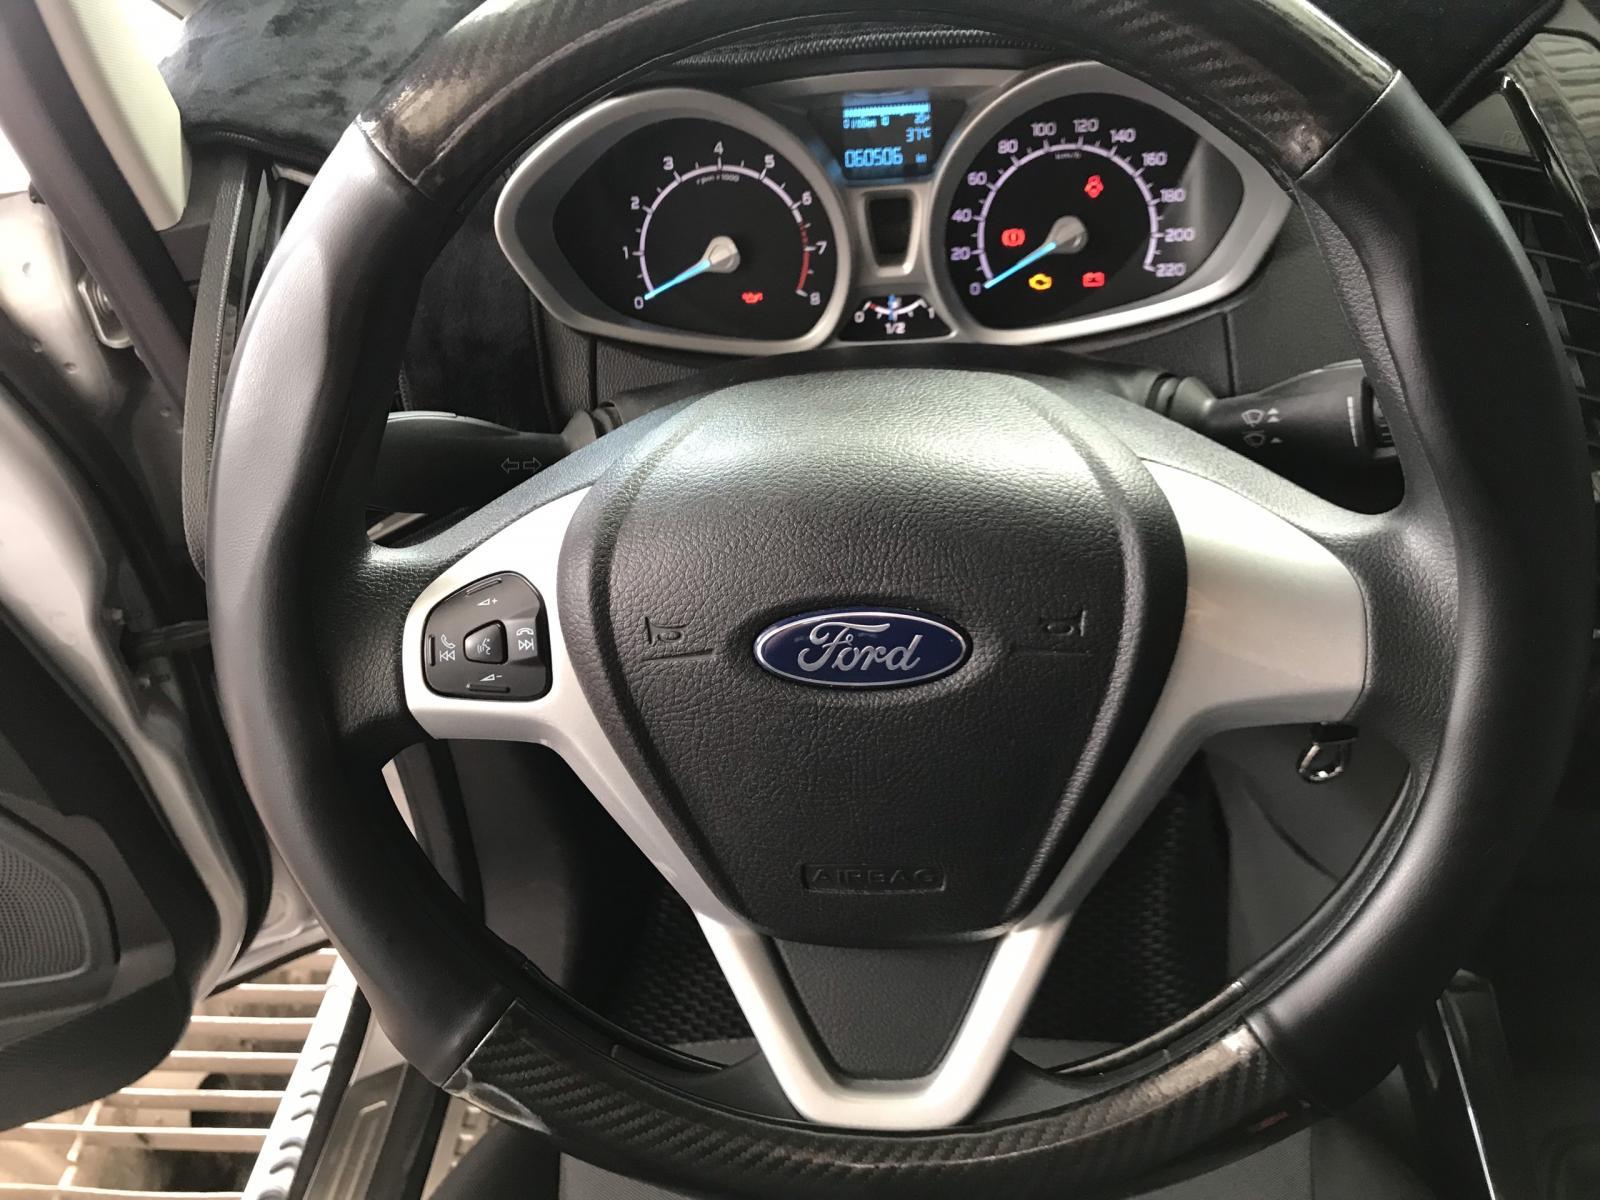 Bán Ford Ecosport 1.5MT màu bạc, số sàn, sản xuất 2017, biển SG 1 chủ xe đẹp